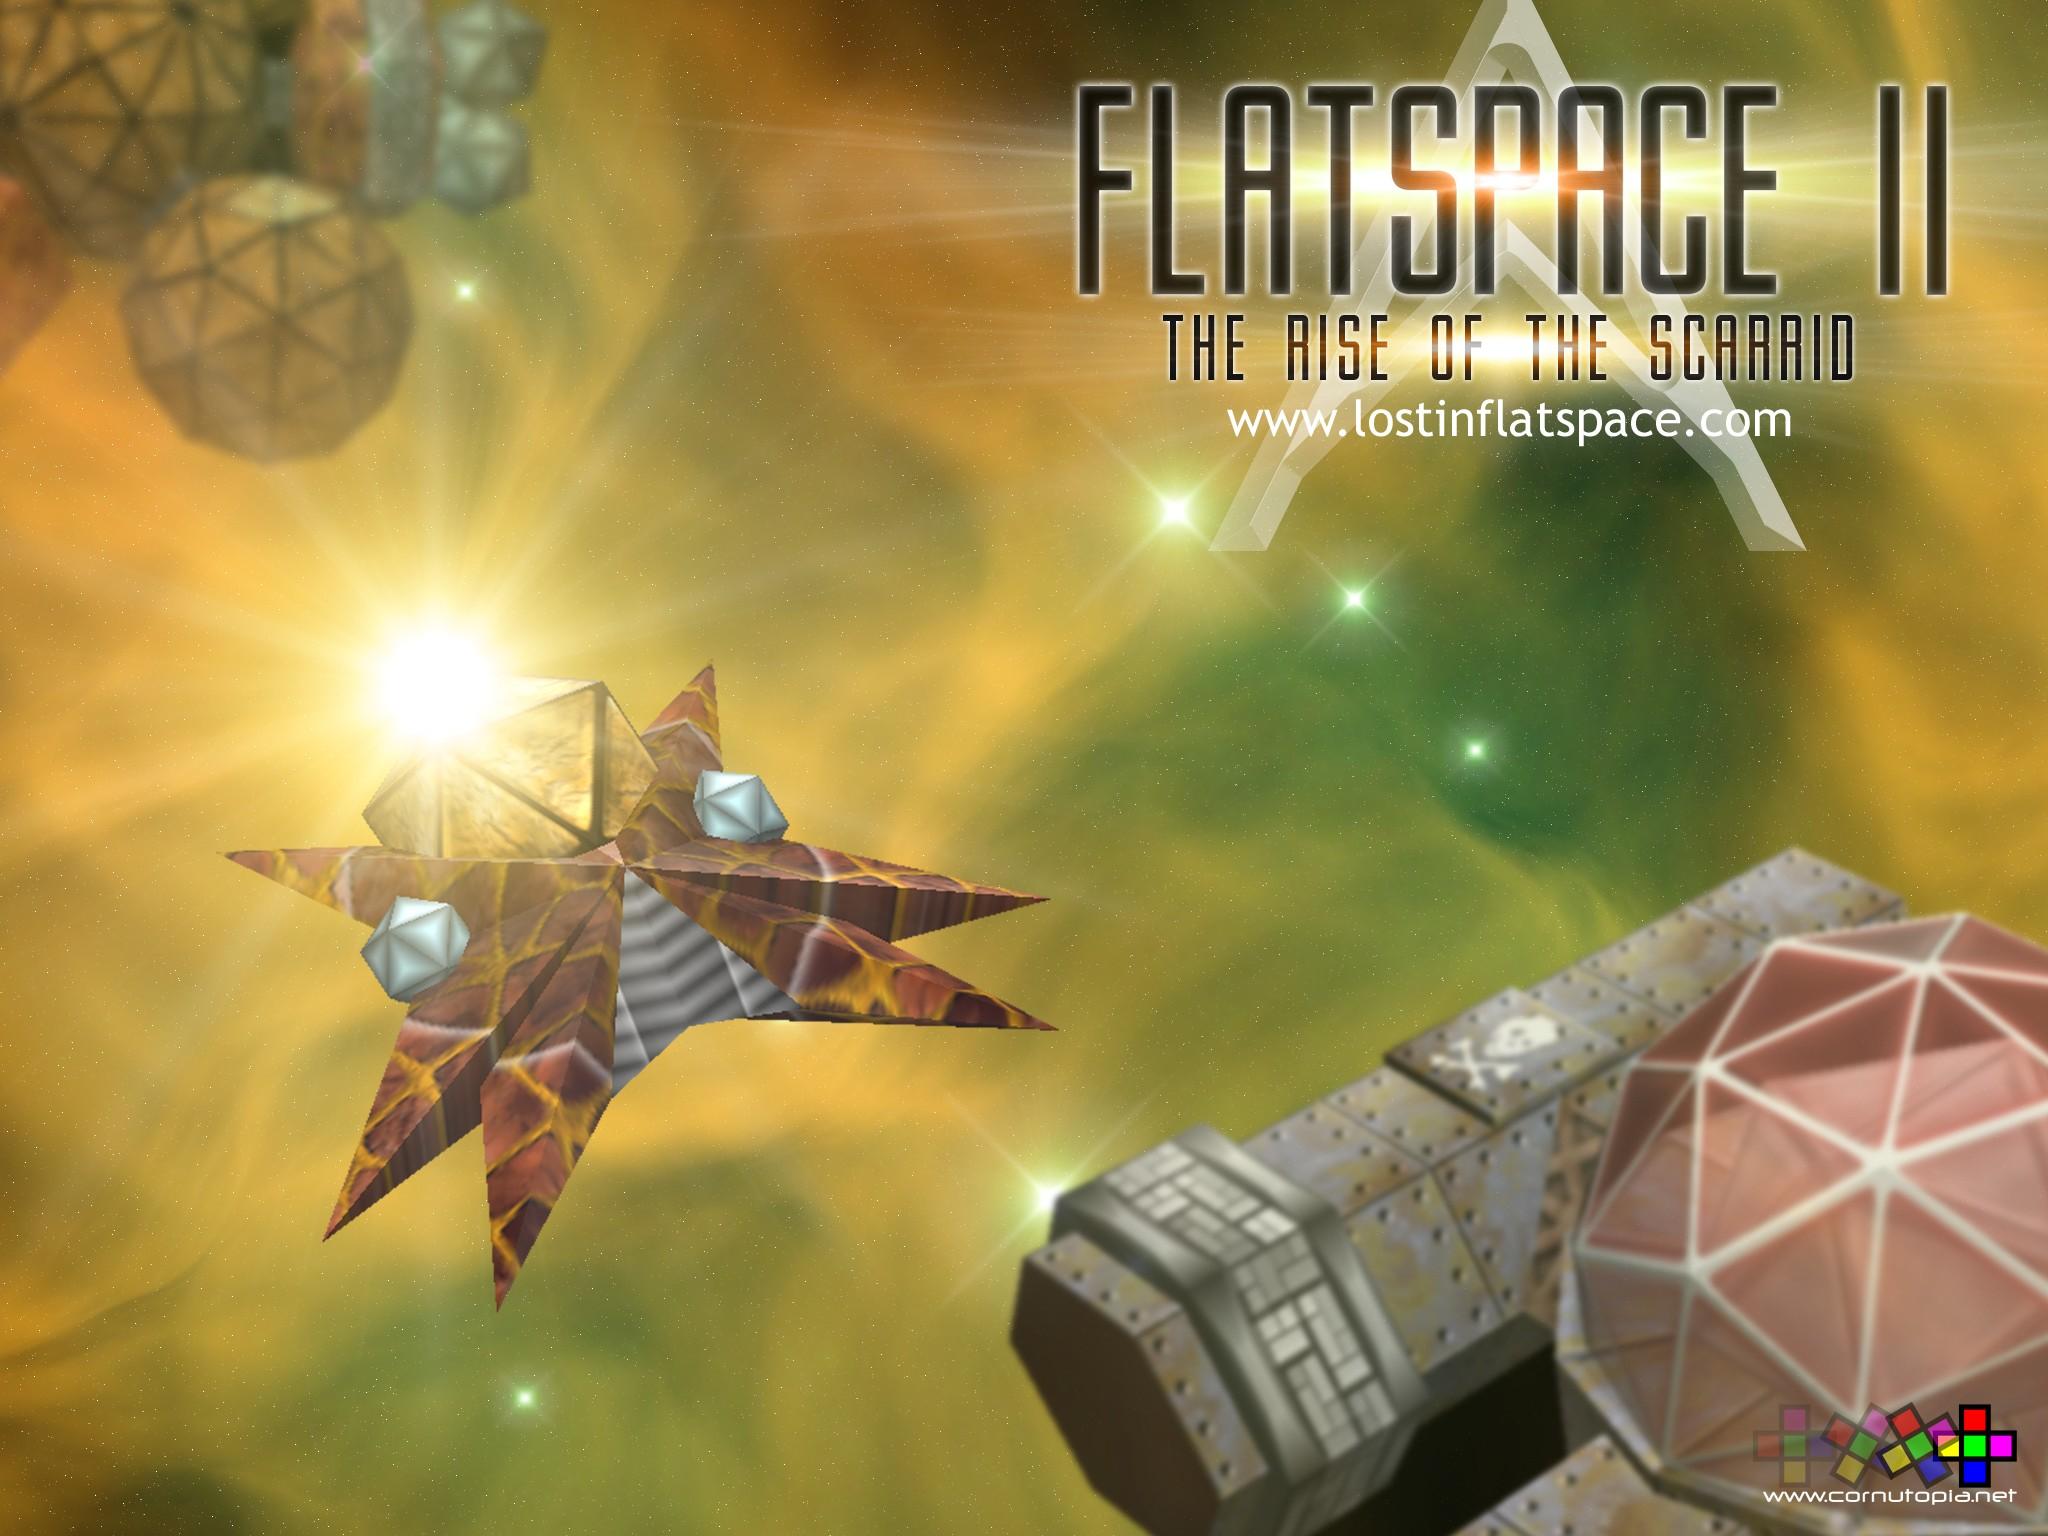 Flatspace II Promo Photo